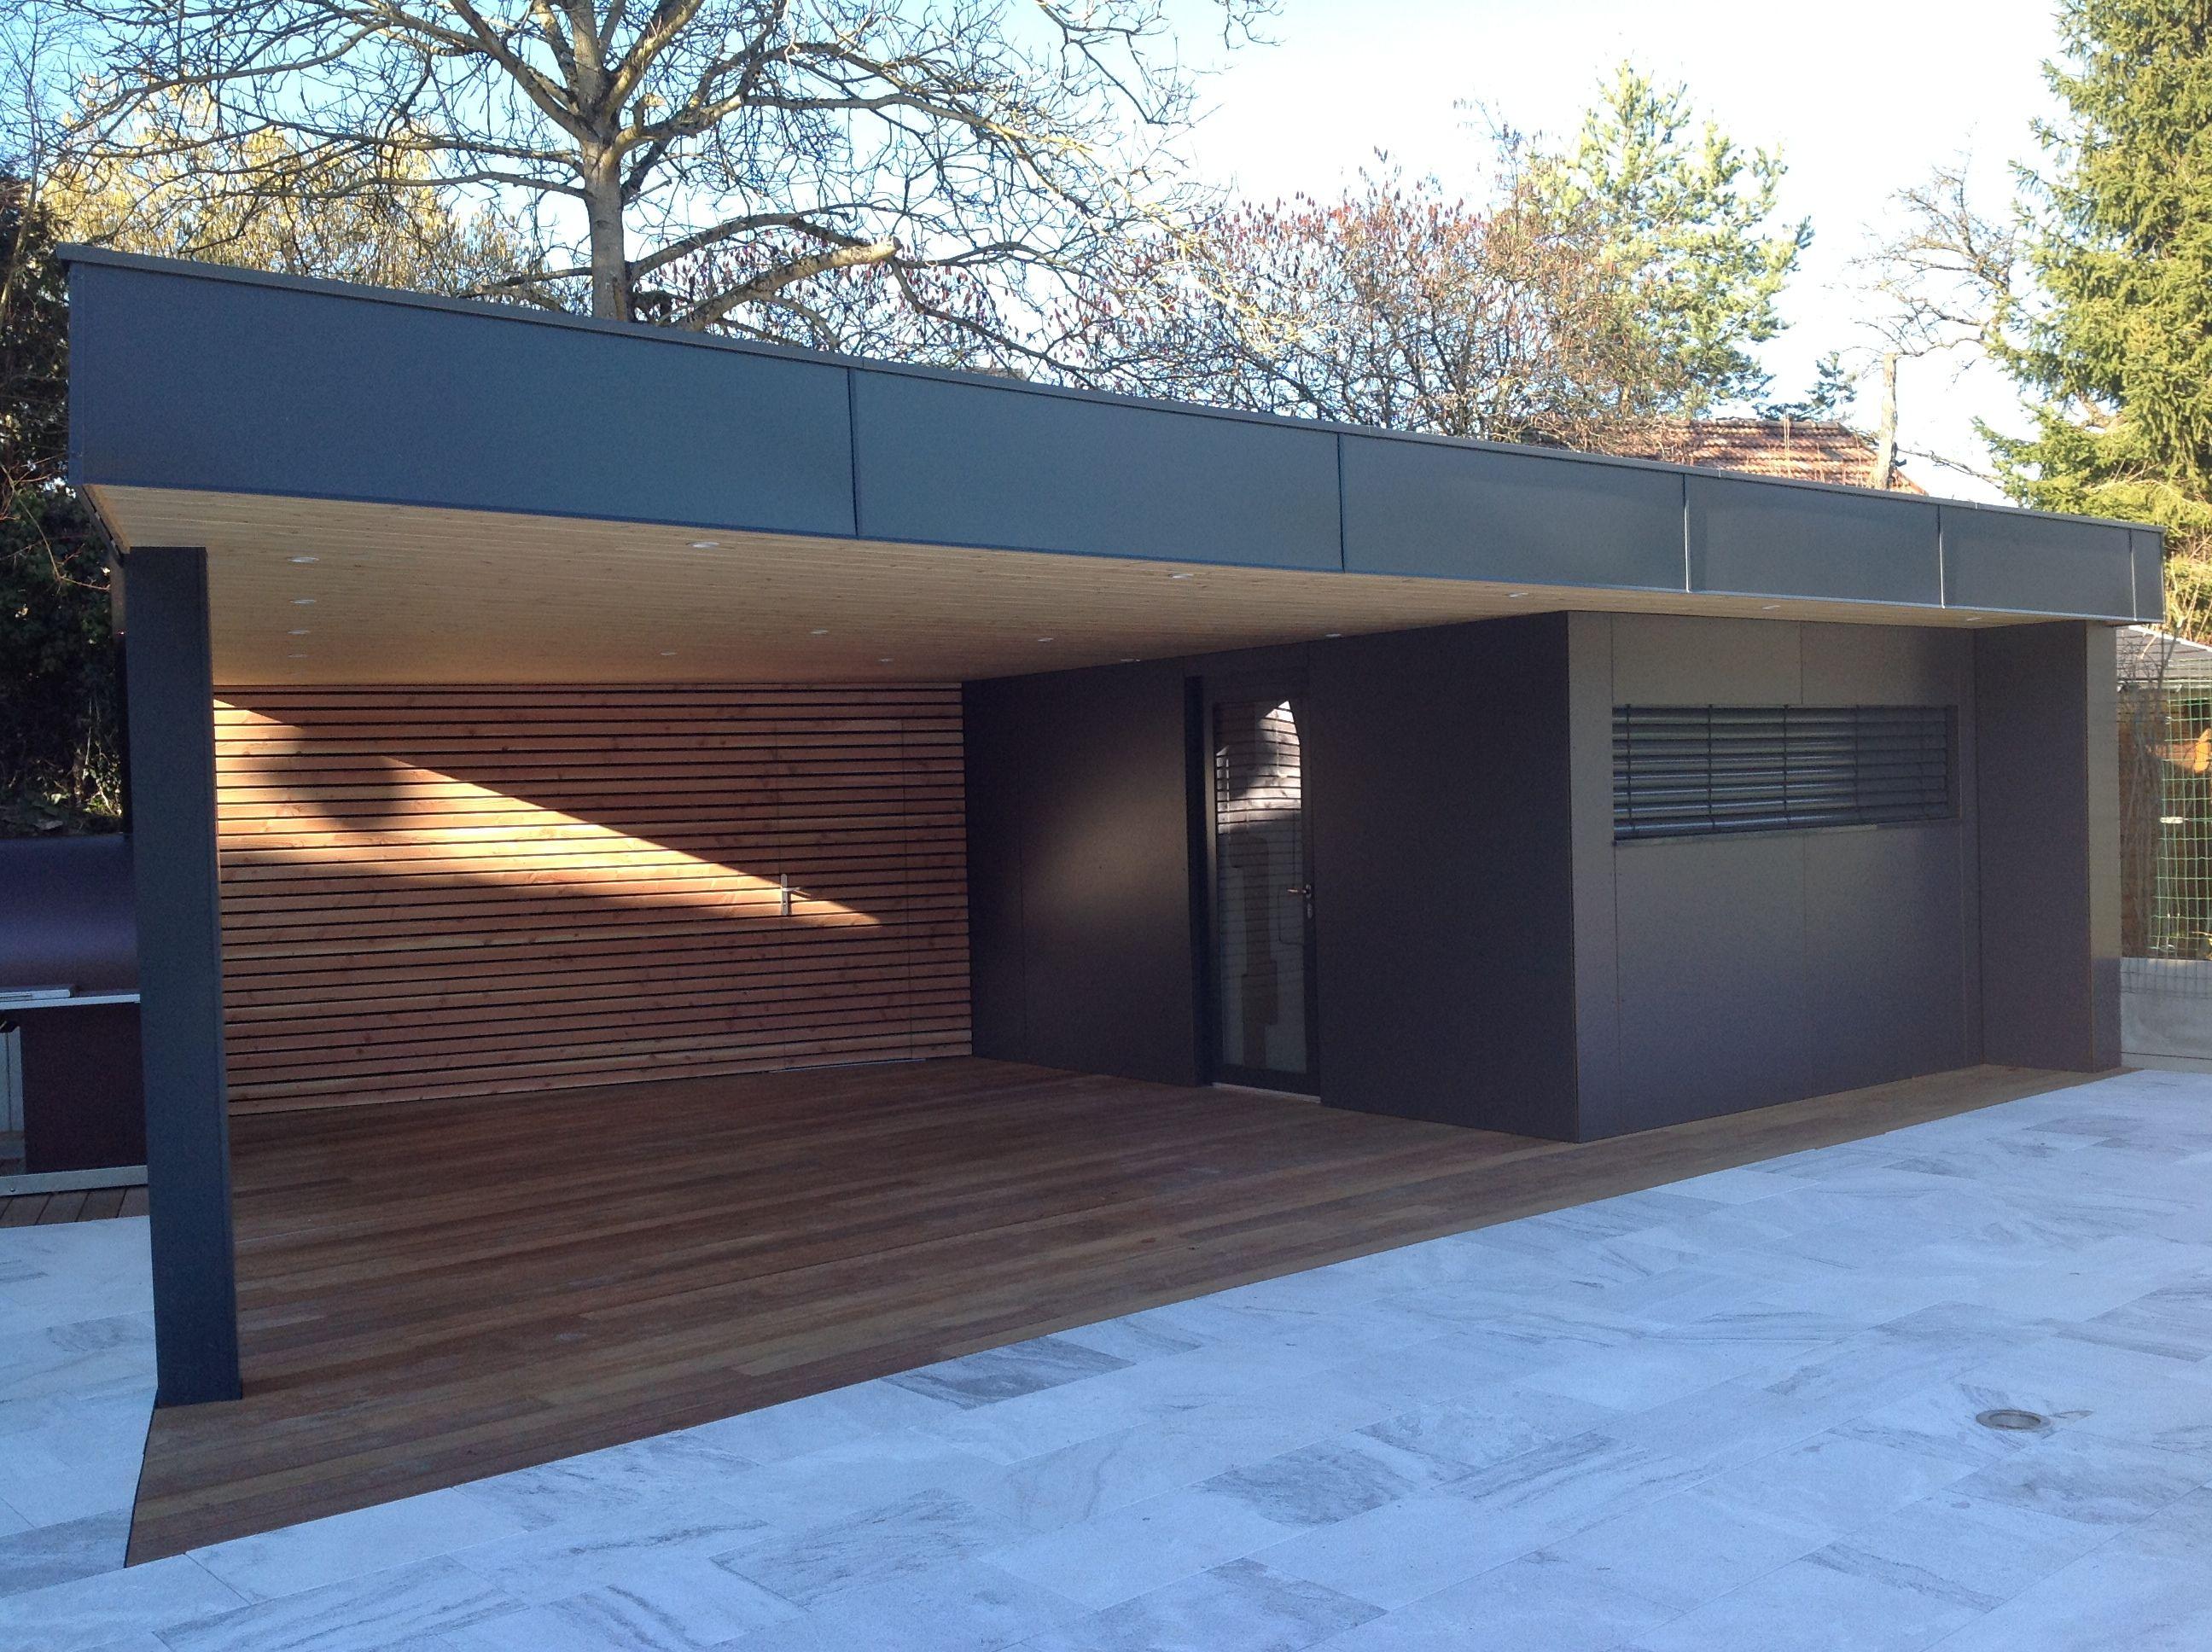 Vue De Face De La Construction D'un Abri De Jardin En Bois ... tout Abri Jardin Design